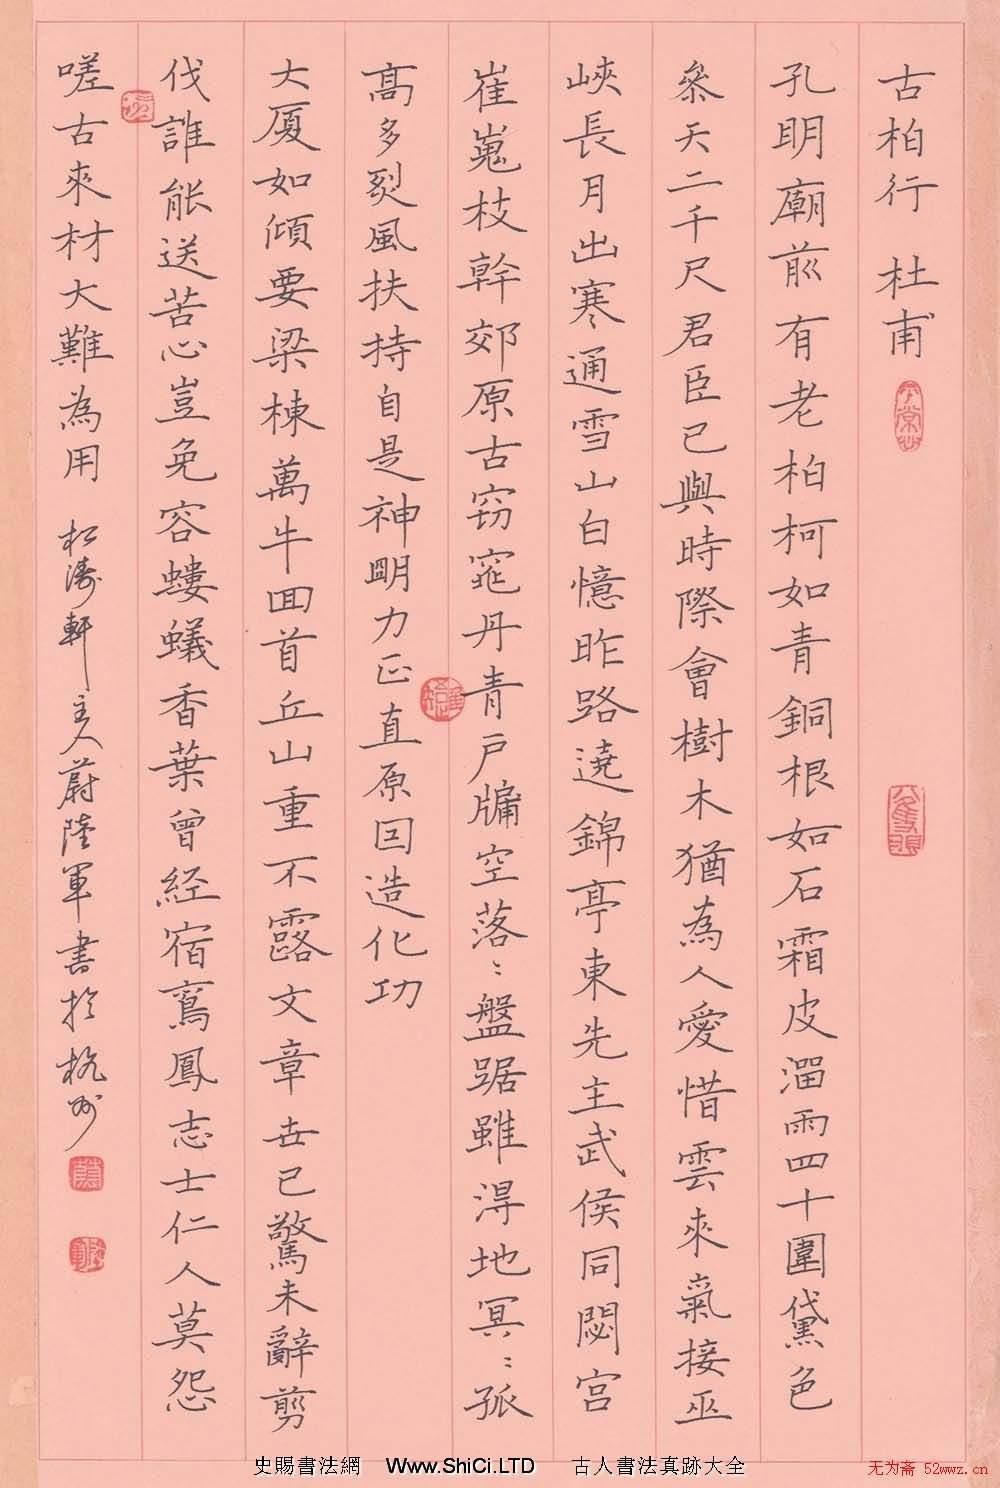 蔚陸軍硬筆書法作品欣賞